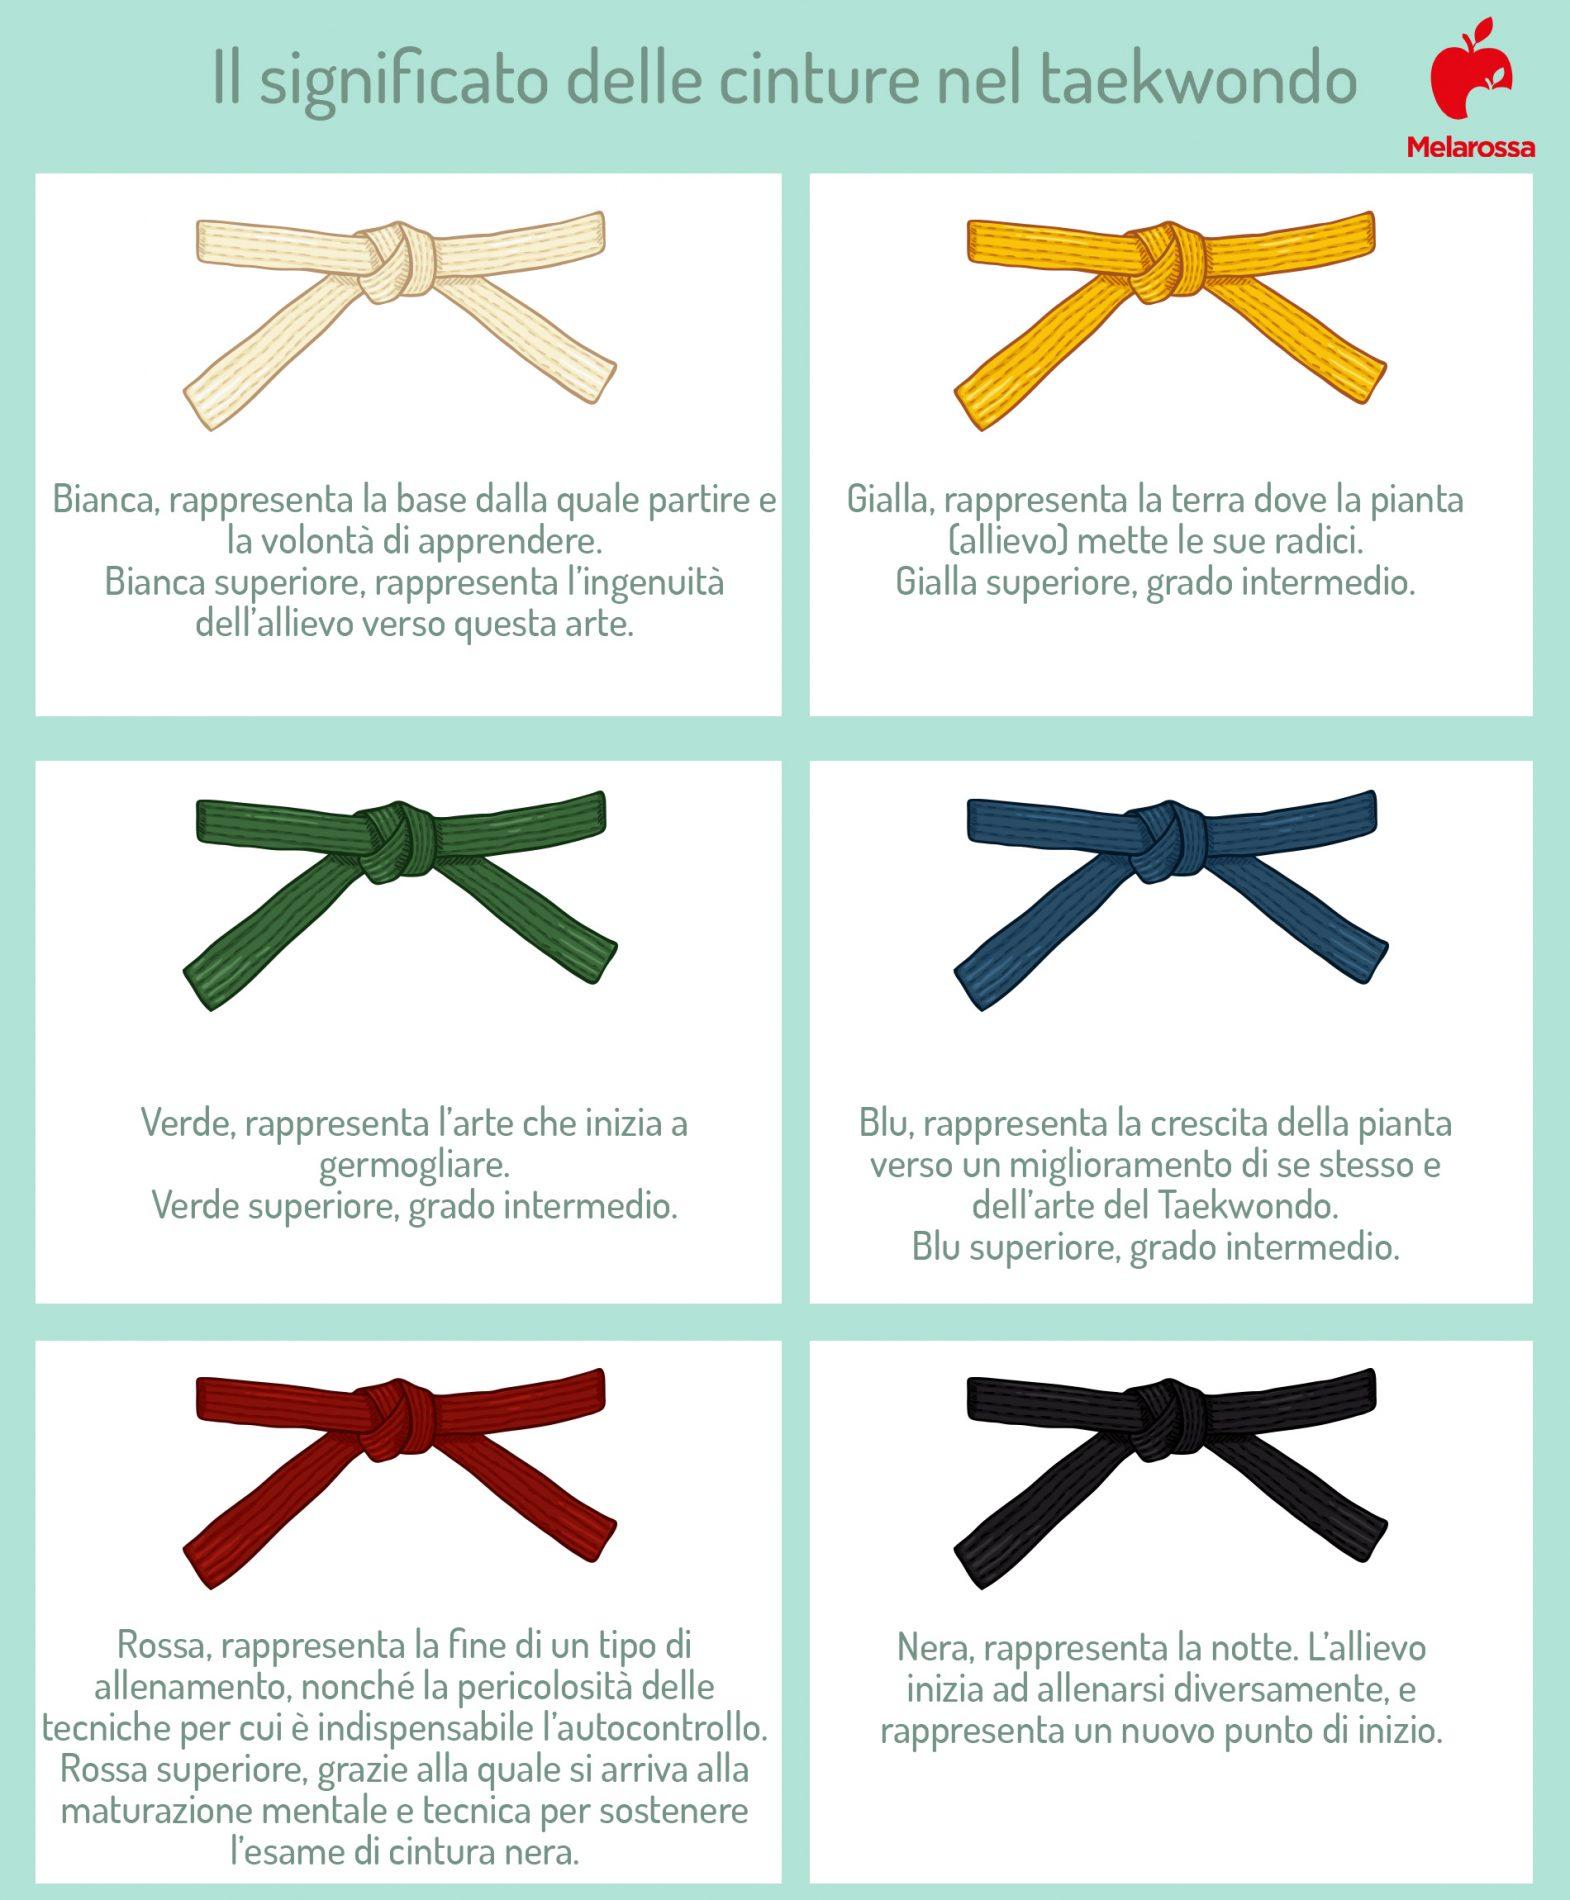 le cinture nel taekwondo